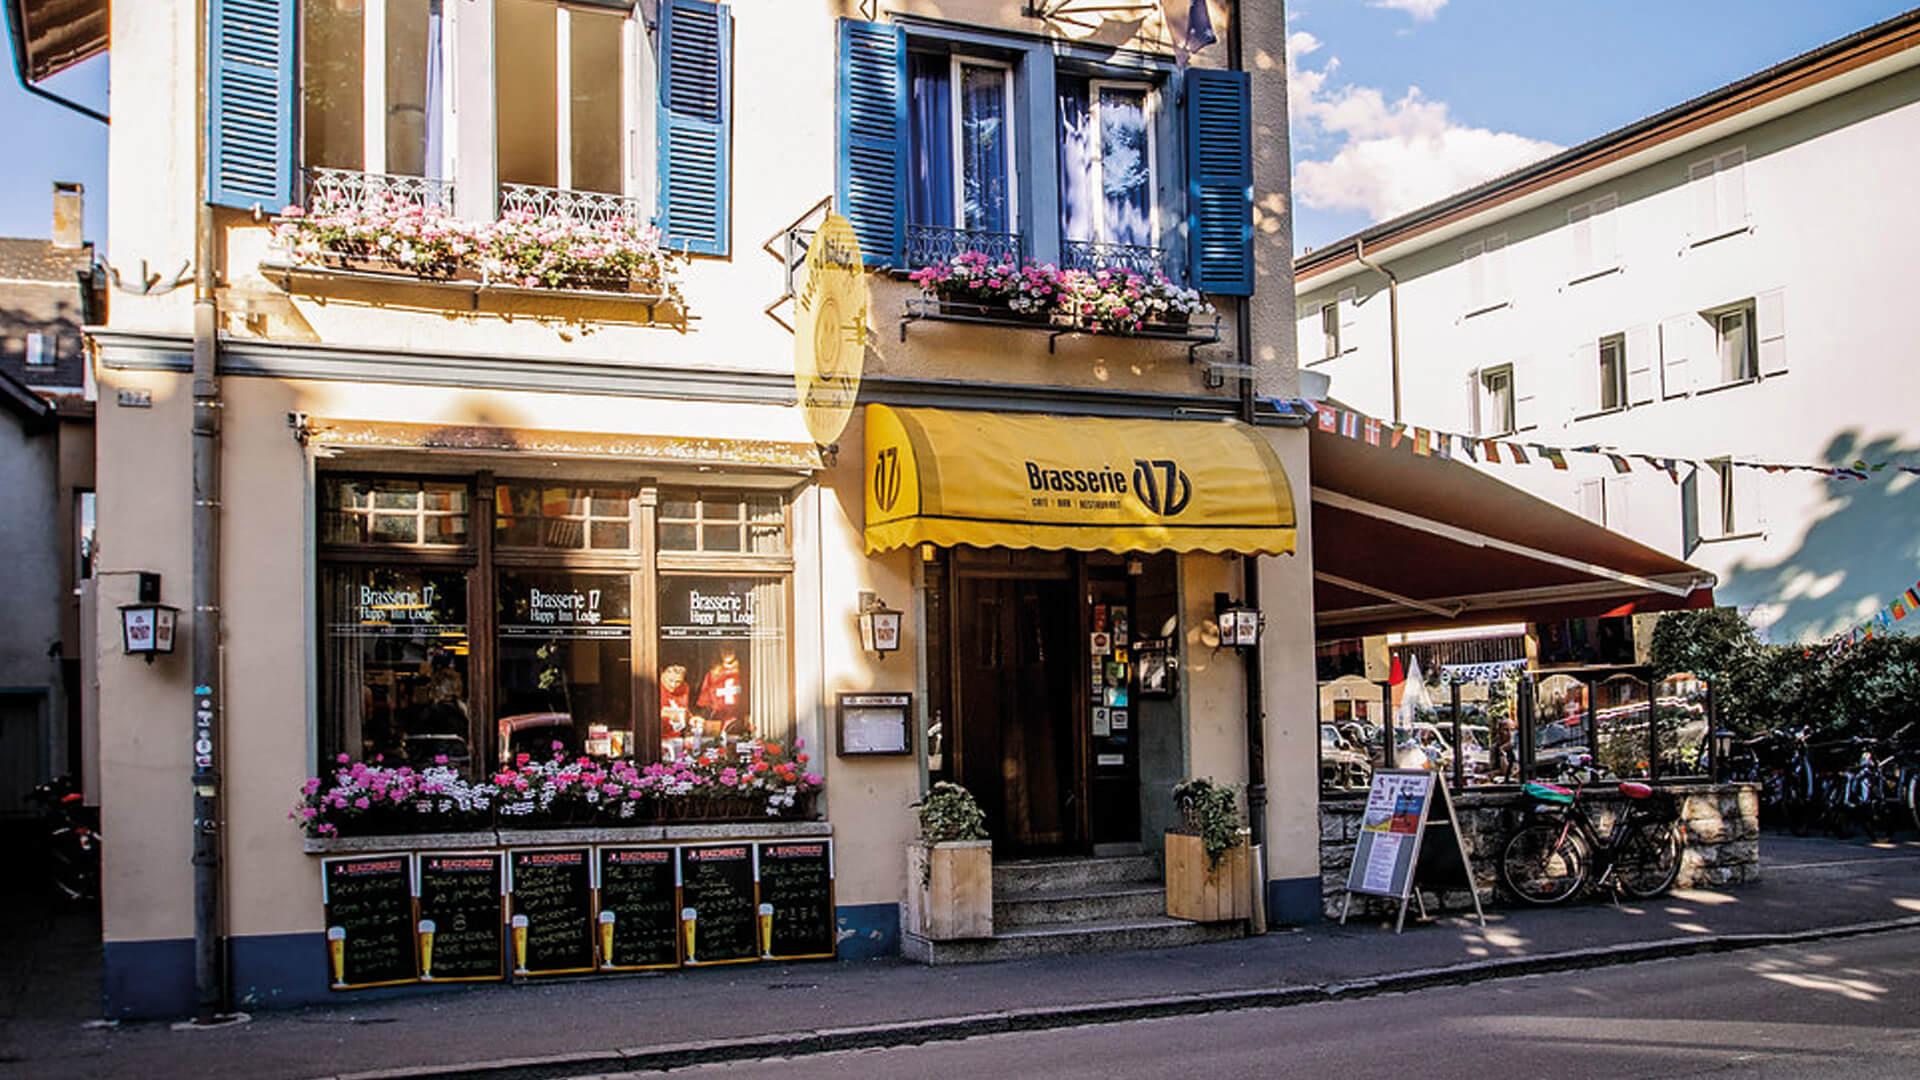 happy-inn-brasserie-aussen